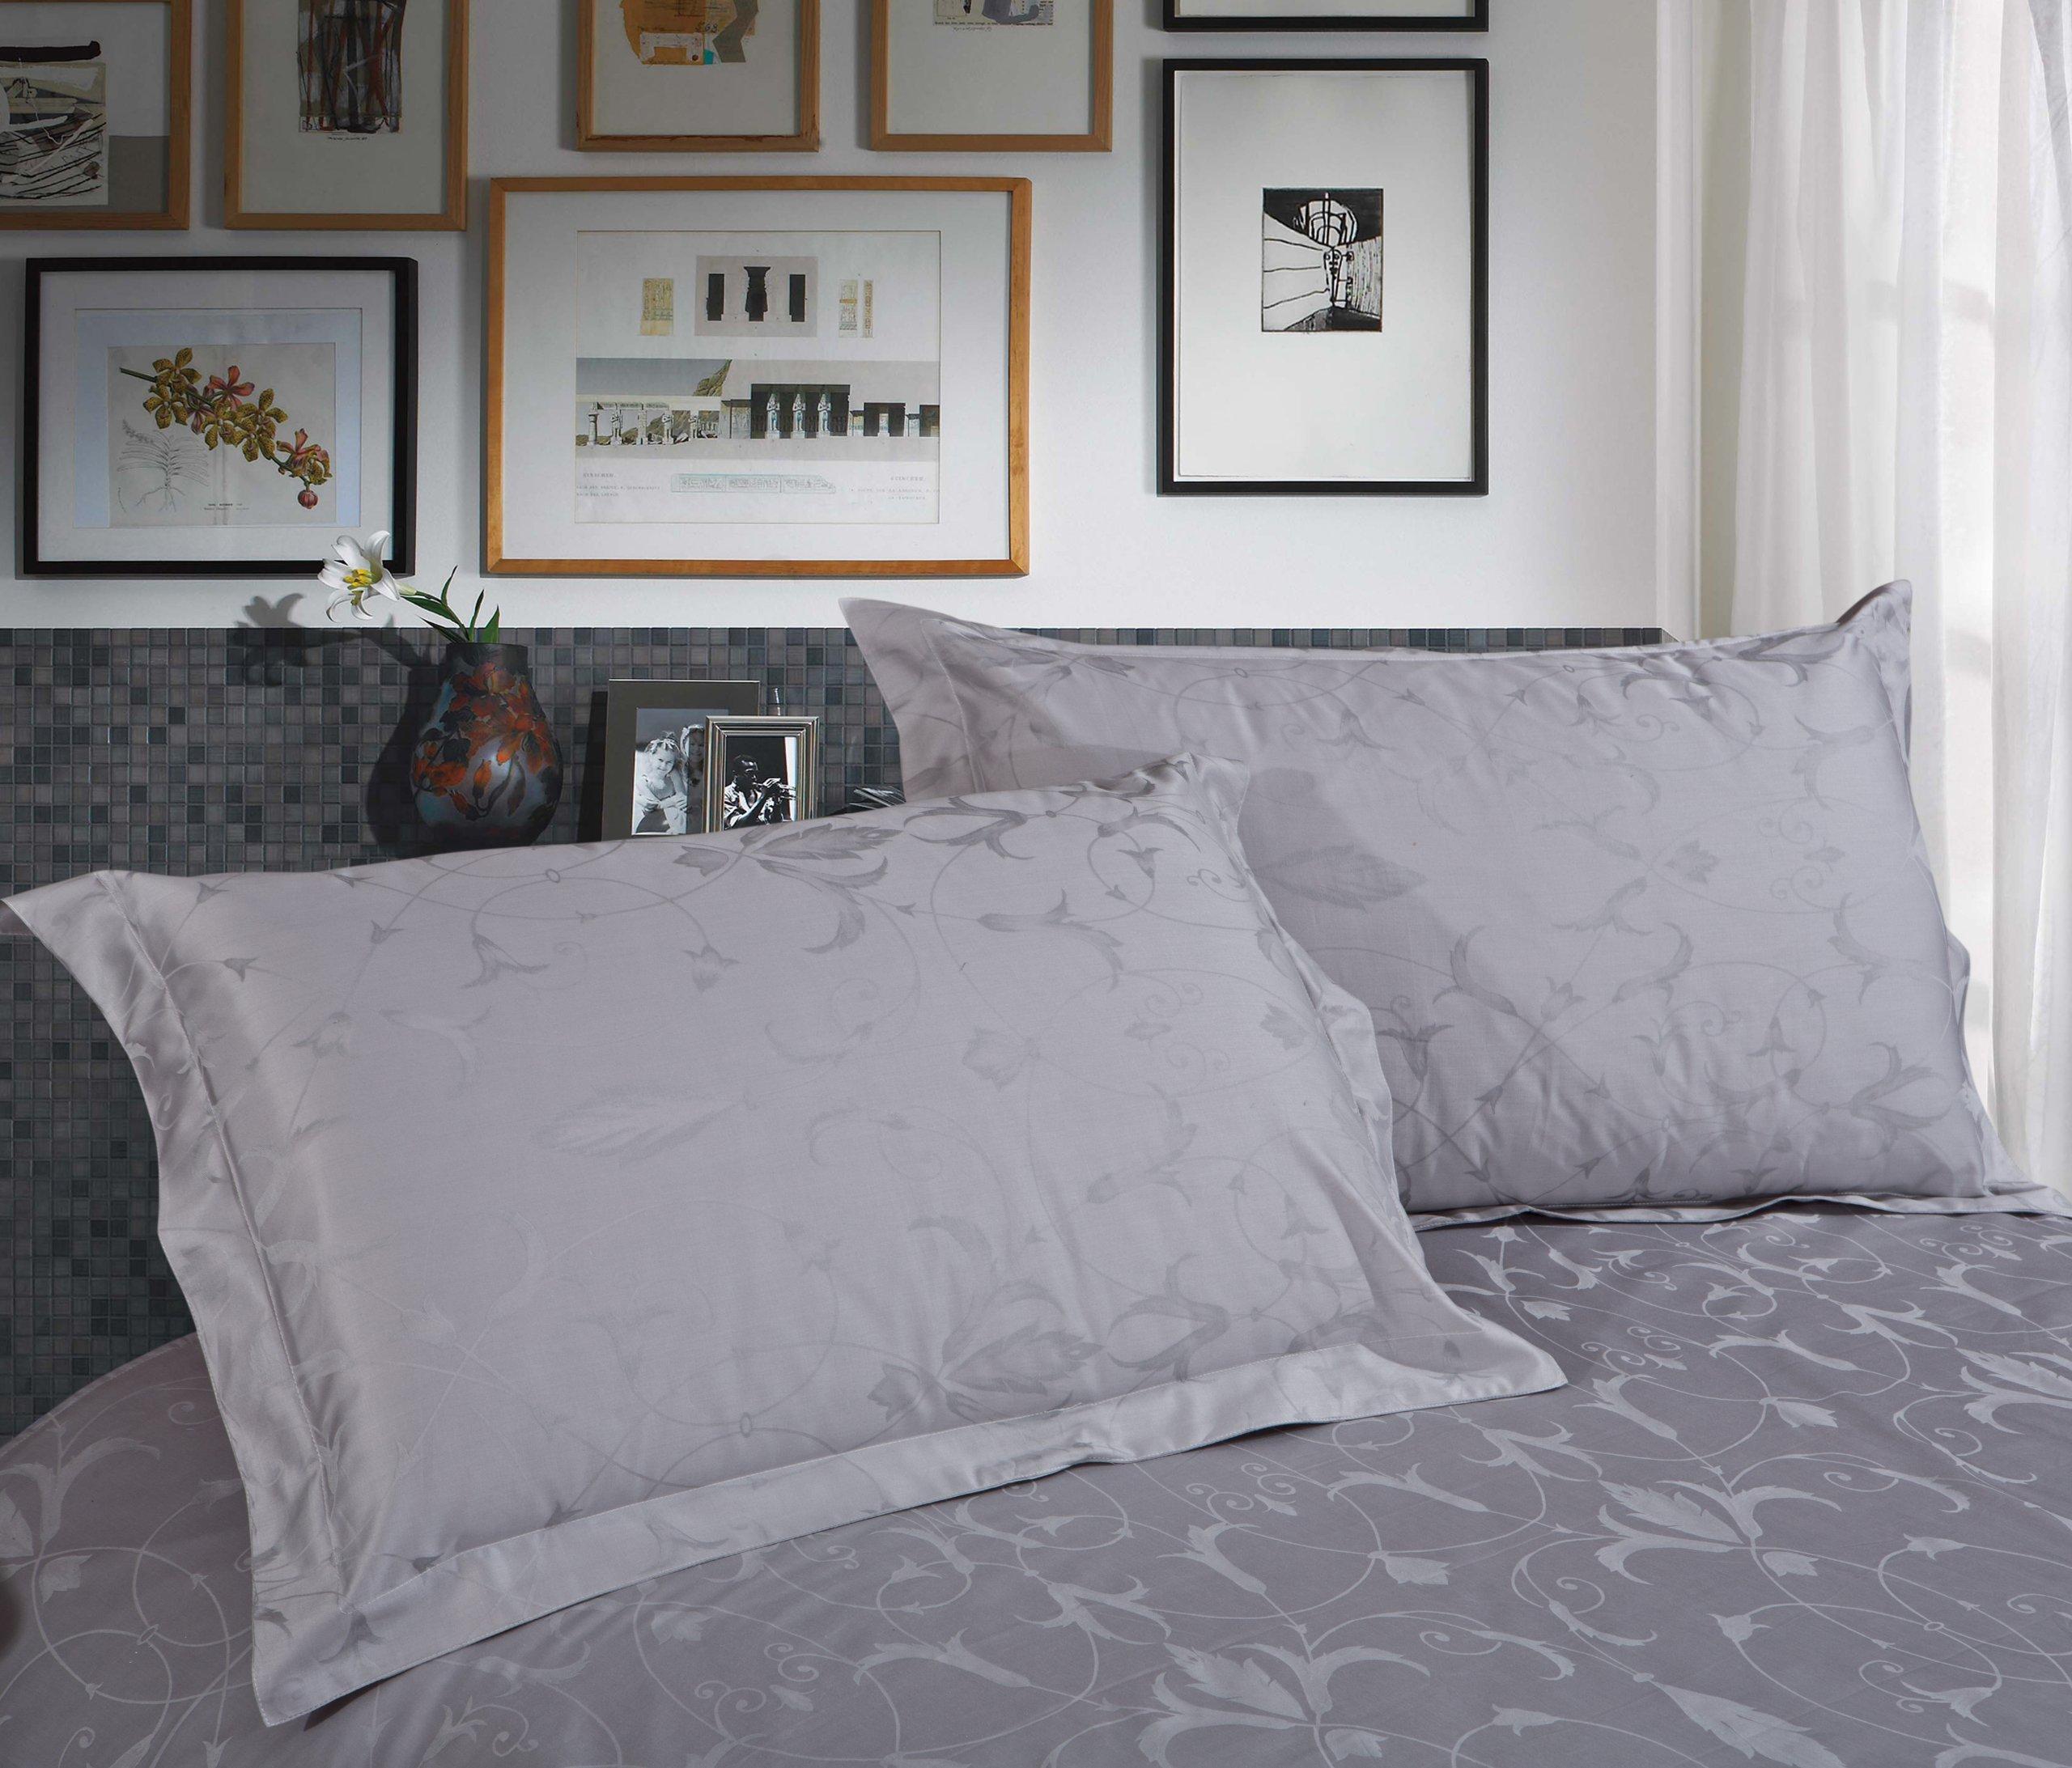 Daloyi Hotel Prime: 2-piece sham set - (new design) Morning Glory - JF91010